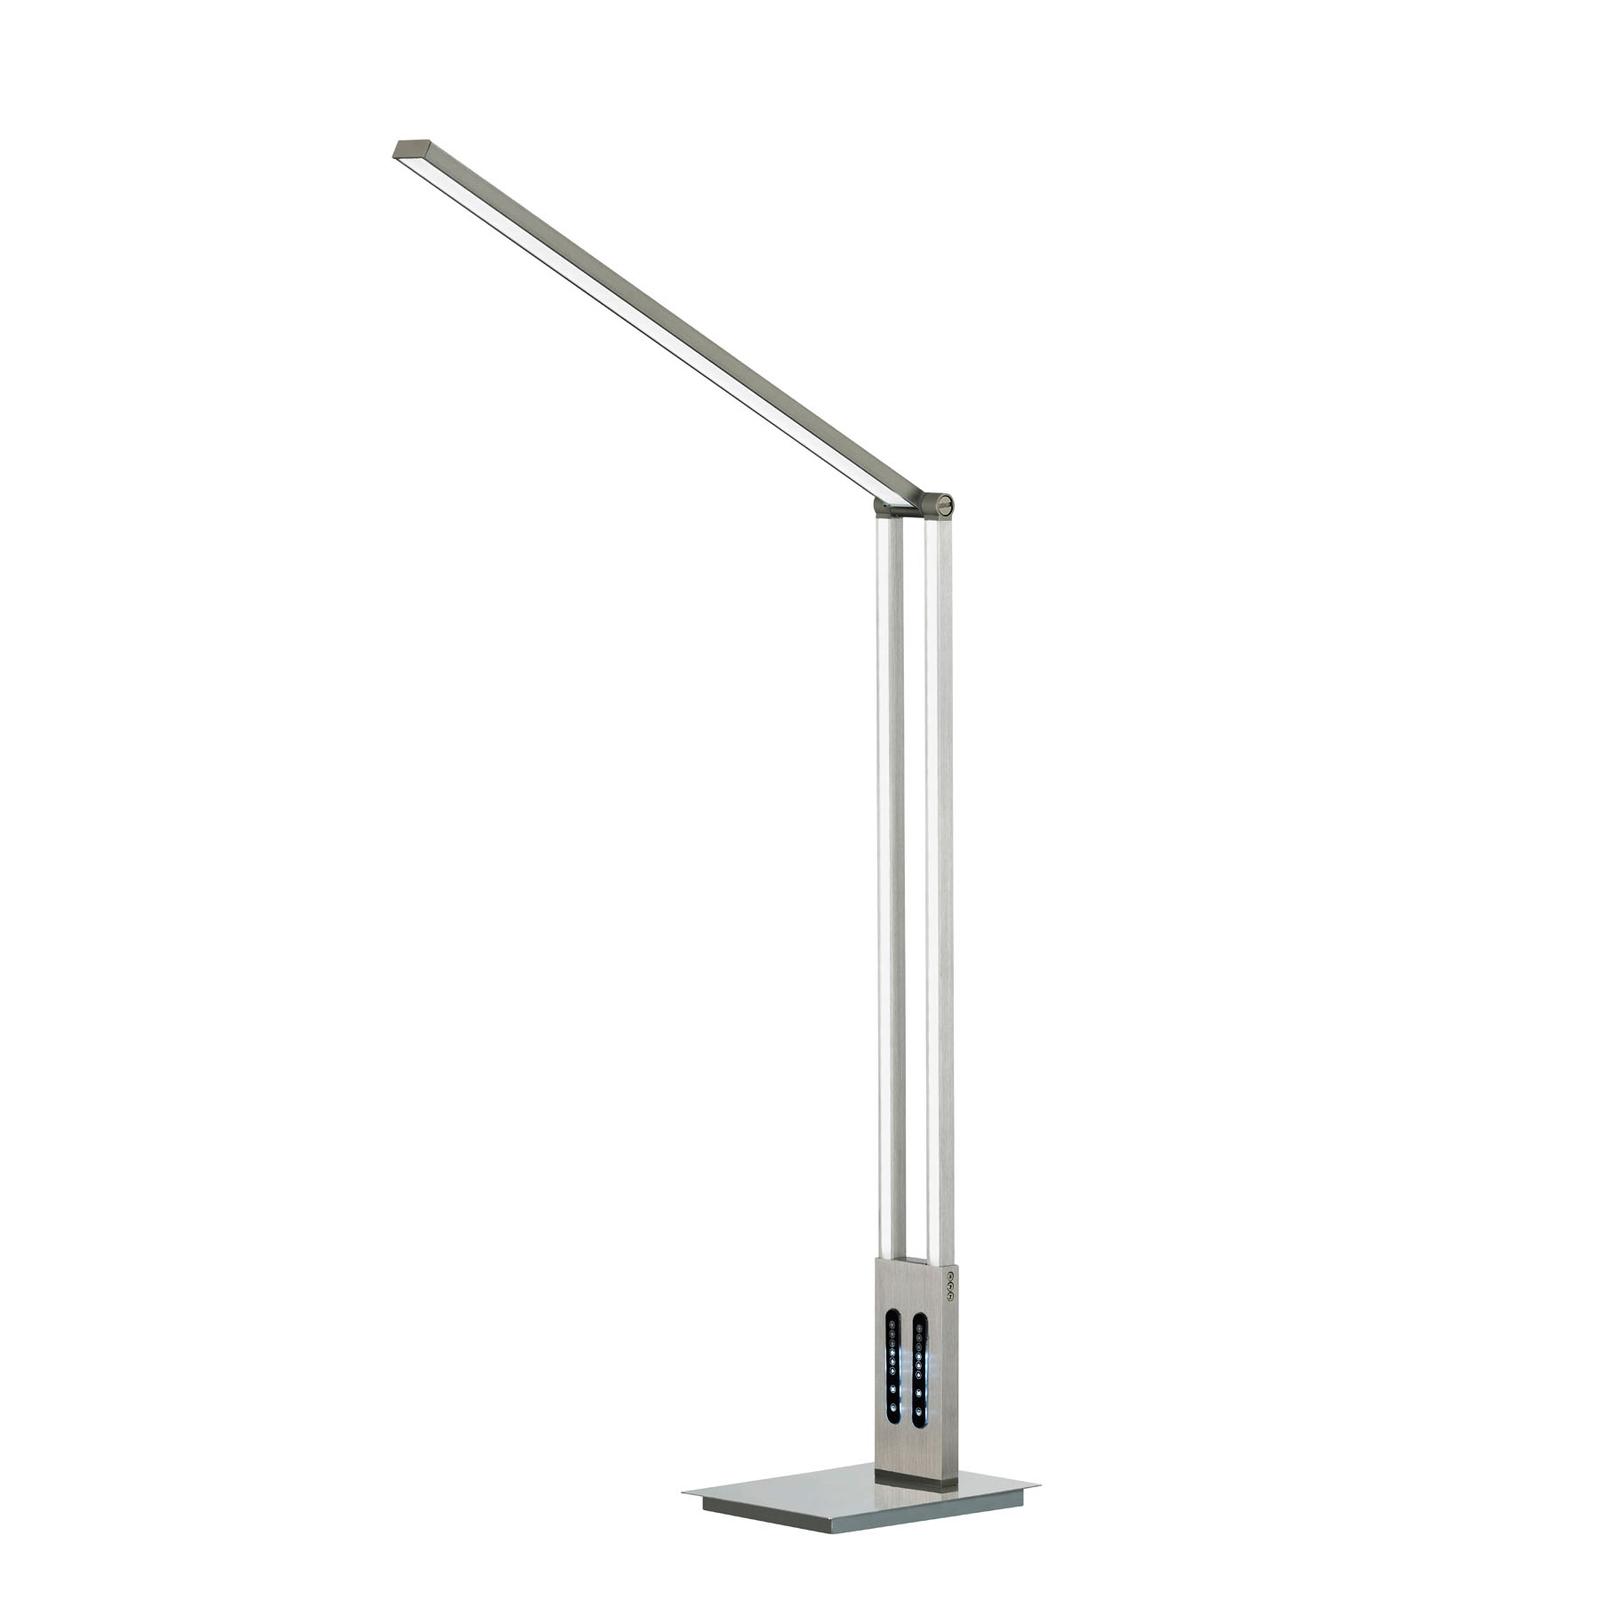 Lampa stojąca LED Lille, przechylana wysokość 98cm